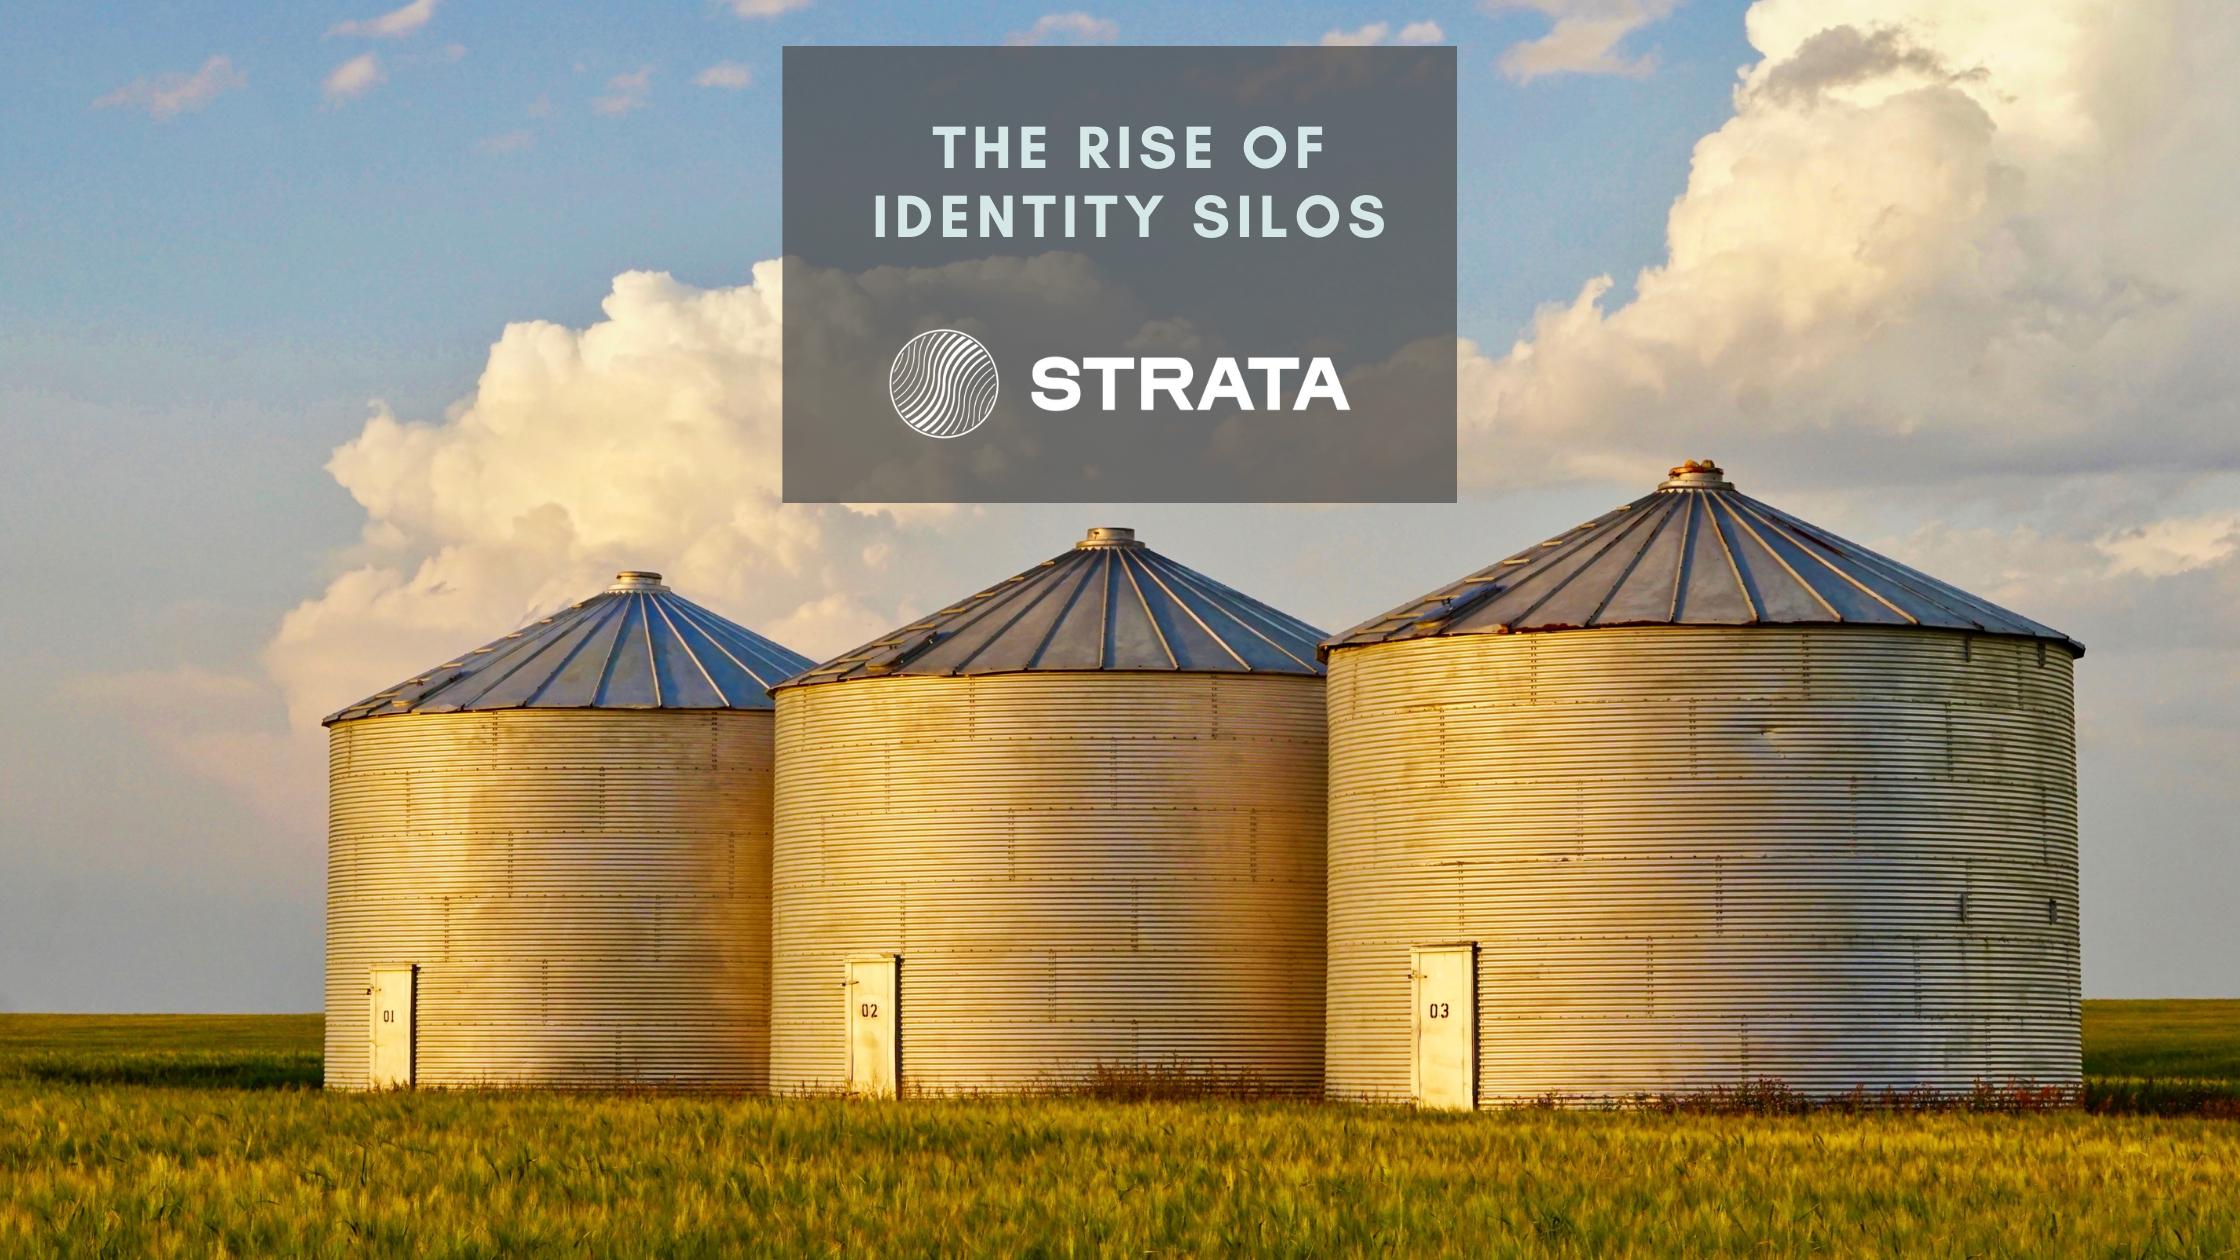 image of silos in field - strata.io